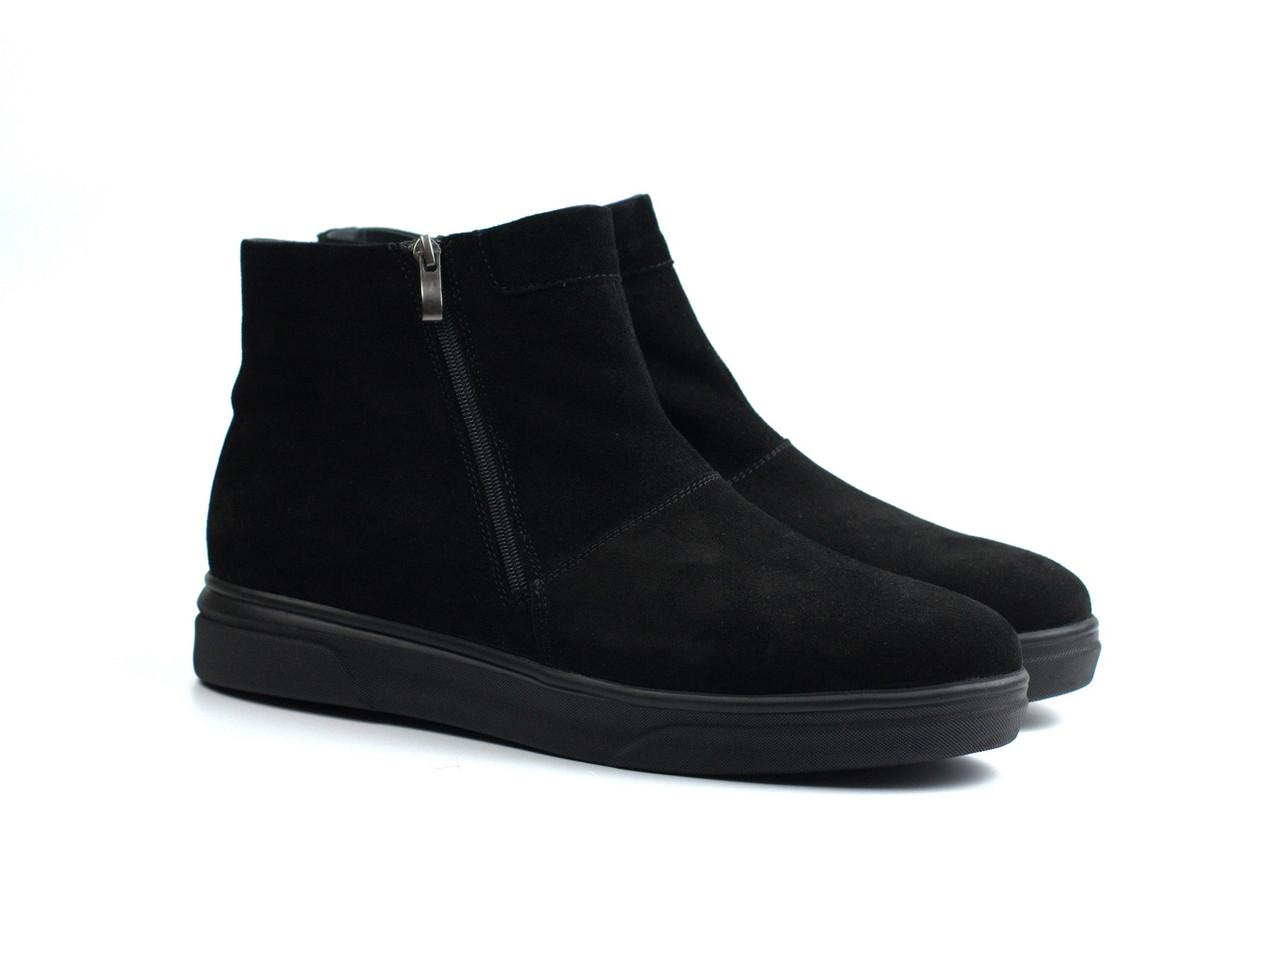 Зимние ботинки замшевые угги на меху мужская обувь Rosso Avangard Y-G Black Night Vel